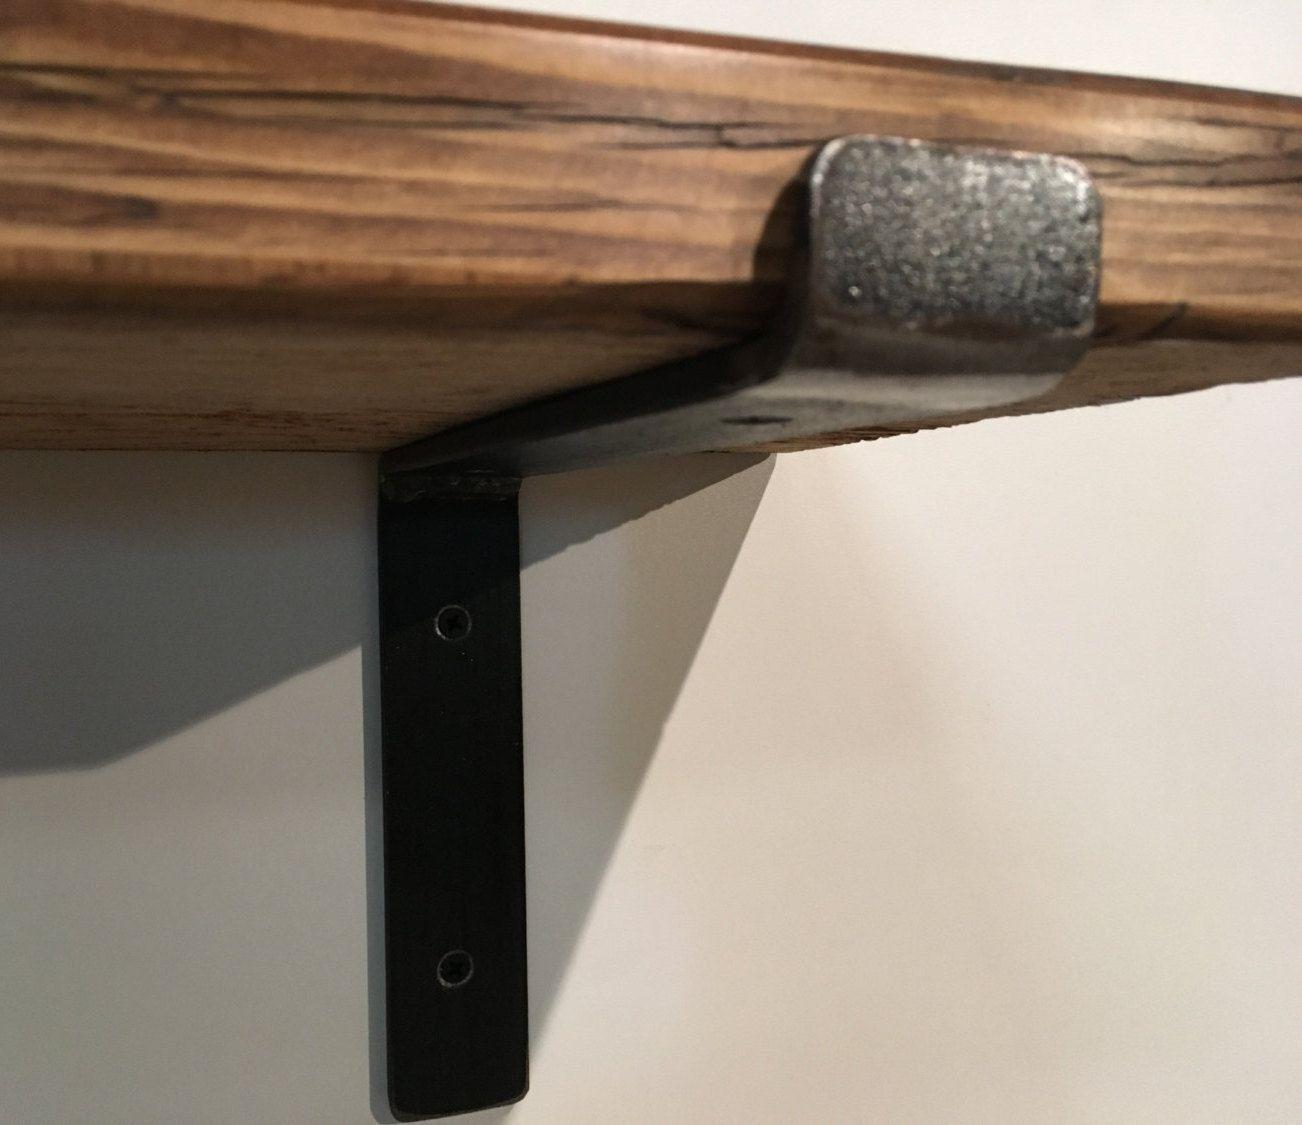 raw brackets by on industrial summervilleduke steel bracket etsy corner pin w shelf